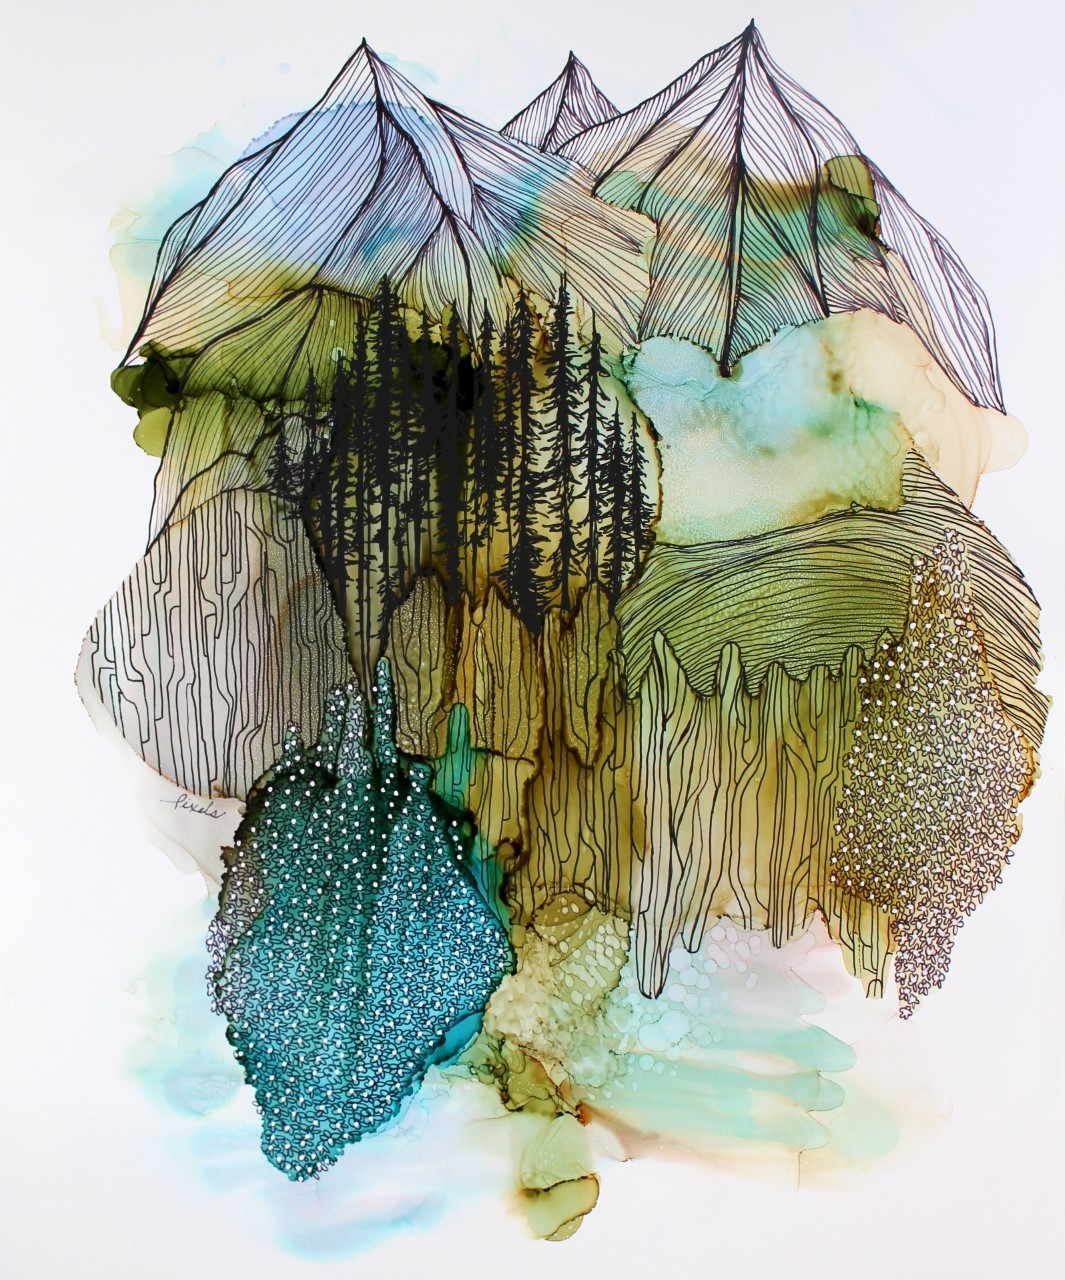 Le souffle des montagnes, de l'artiste Nancy Létourneau, Oeuvre sur papier Yupo, médium encre à l'alcool et acrylique, Création unique, dimension 22 x 18  de largeur